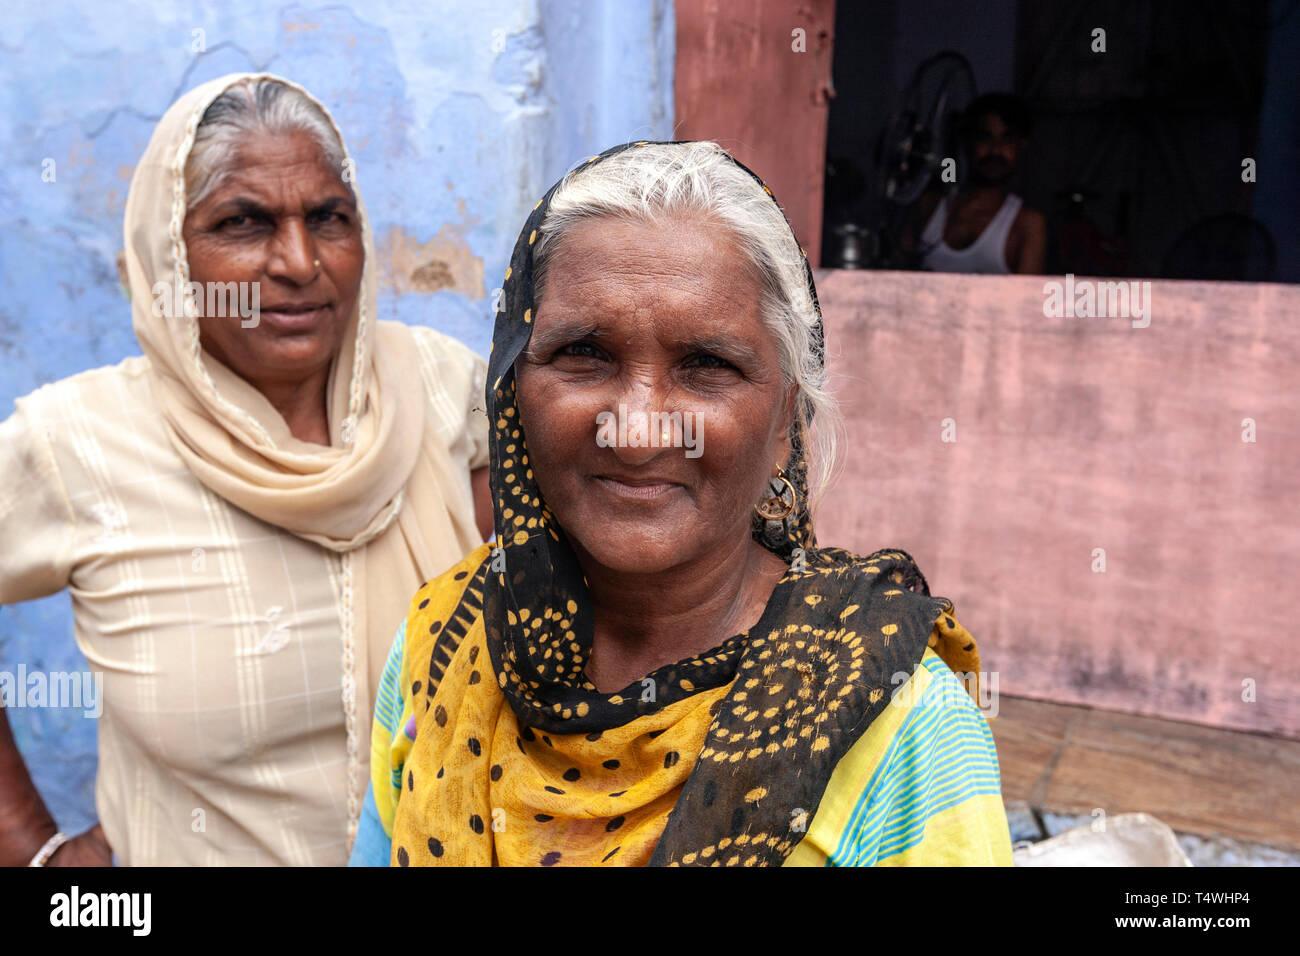 Ritratto di due donne di Rajasthani in Bundi, stato del Rajasthan, India. Immagini Stock